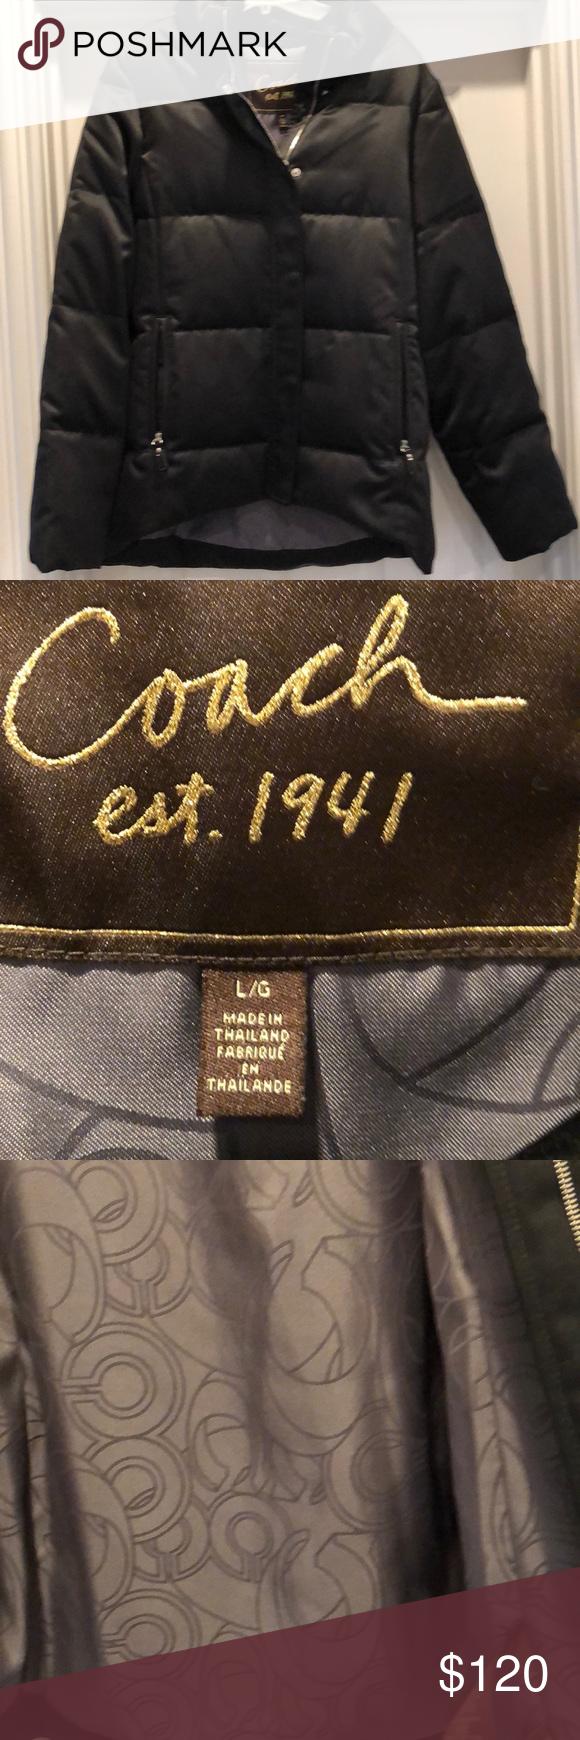 Coach Black Puffer Coat Like New Great Condition Black Puffer Coat Black Puffer Puffer Coat [ 1740 x 580 Pixel ]